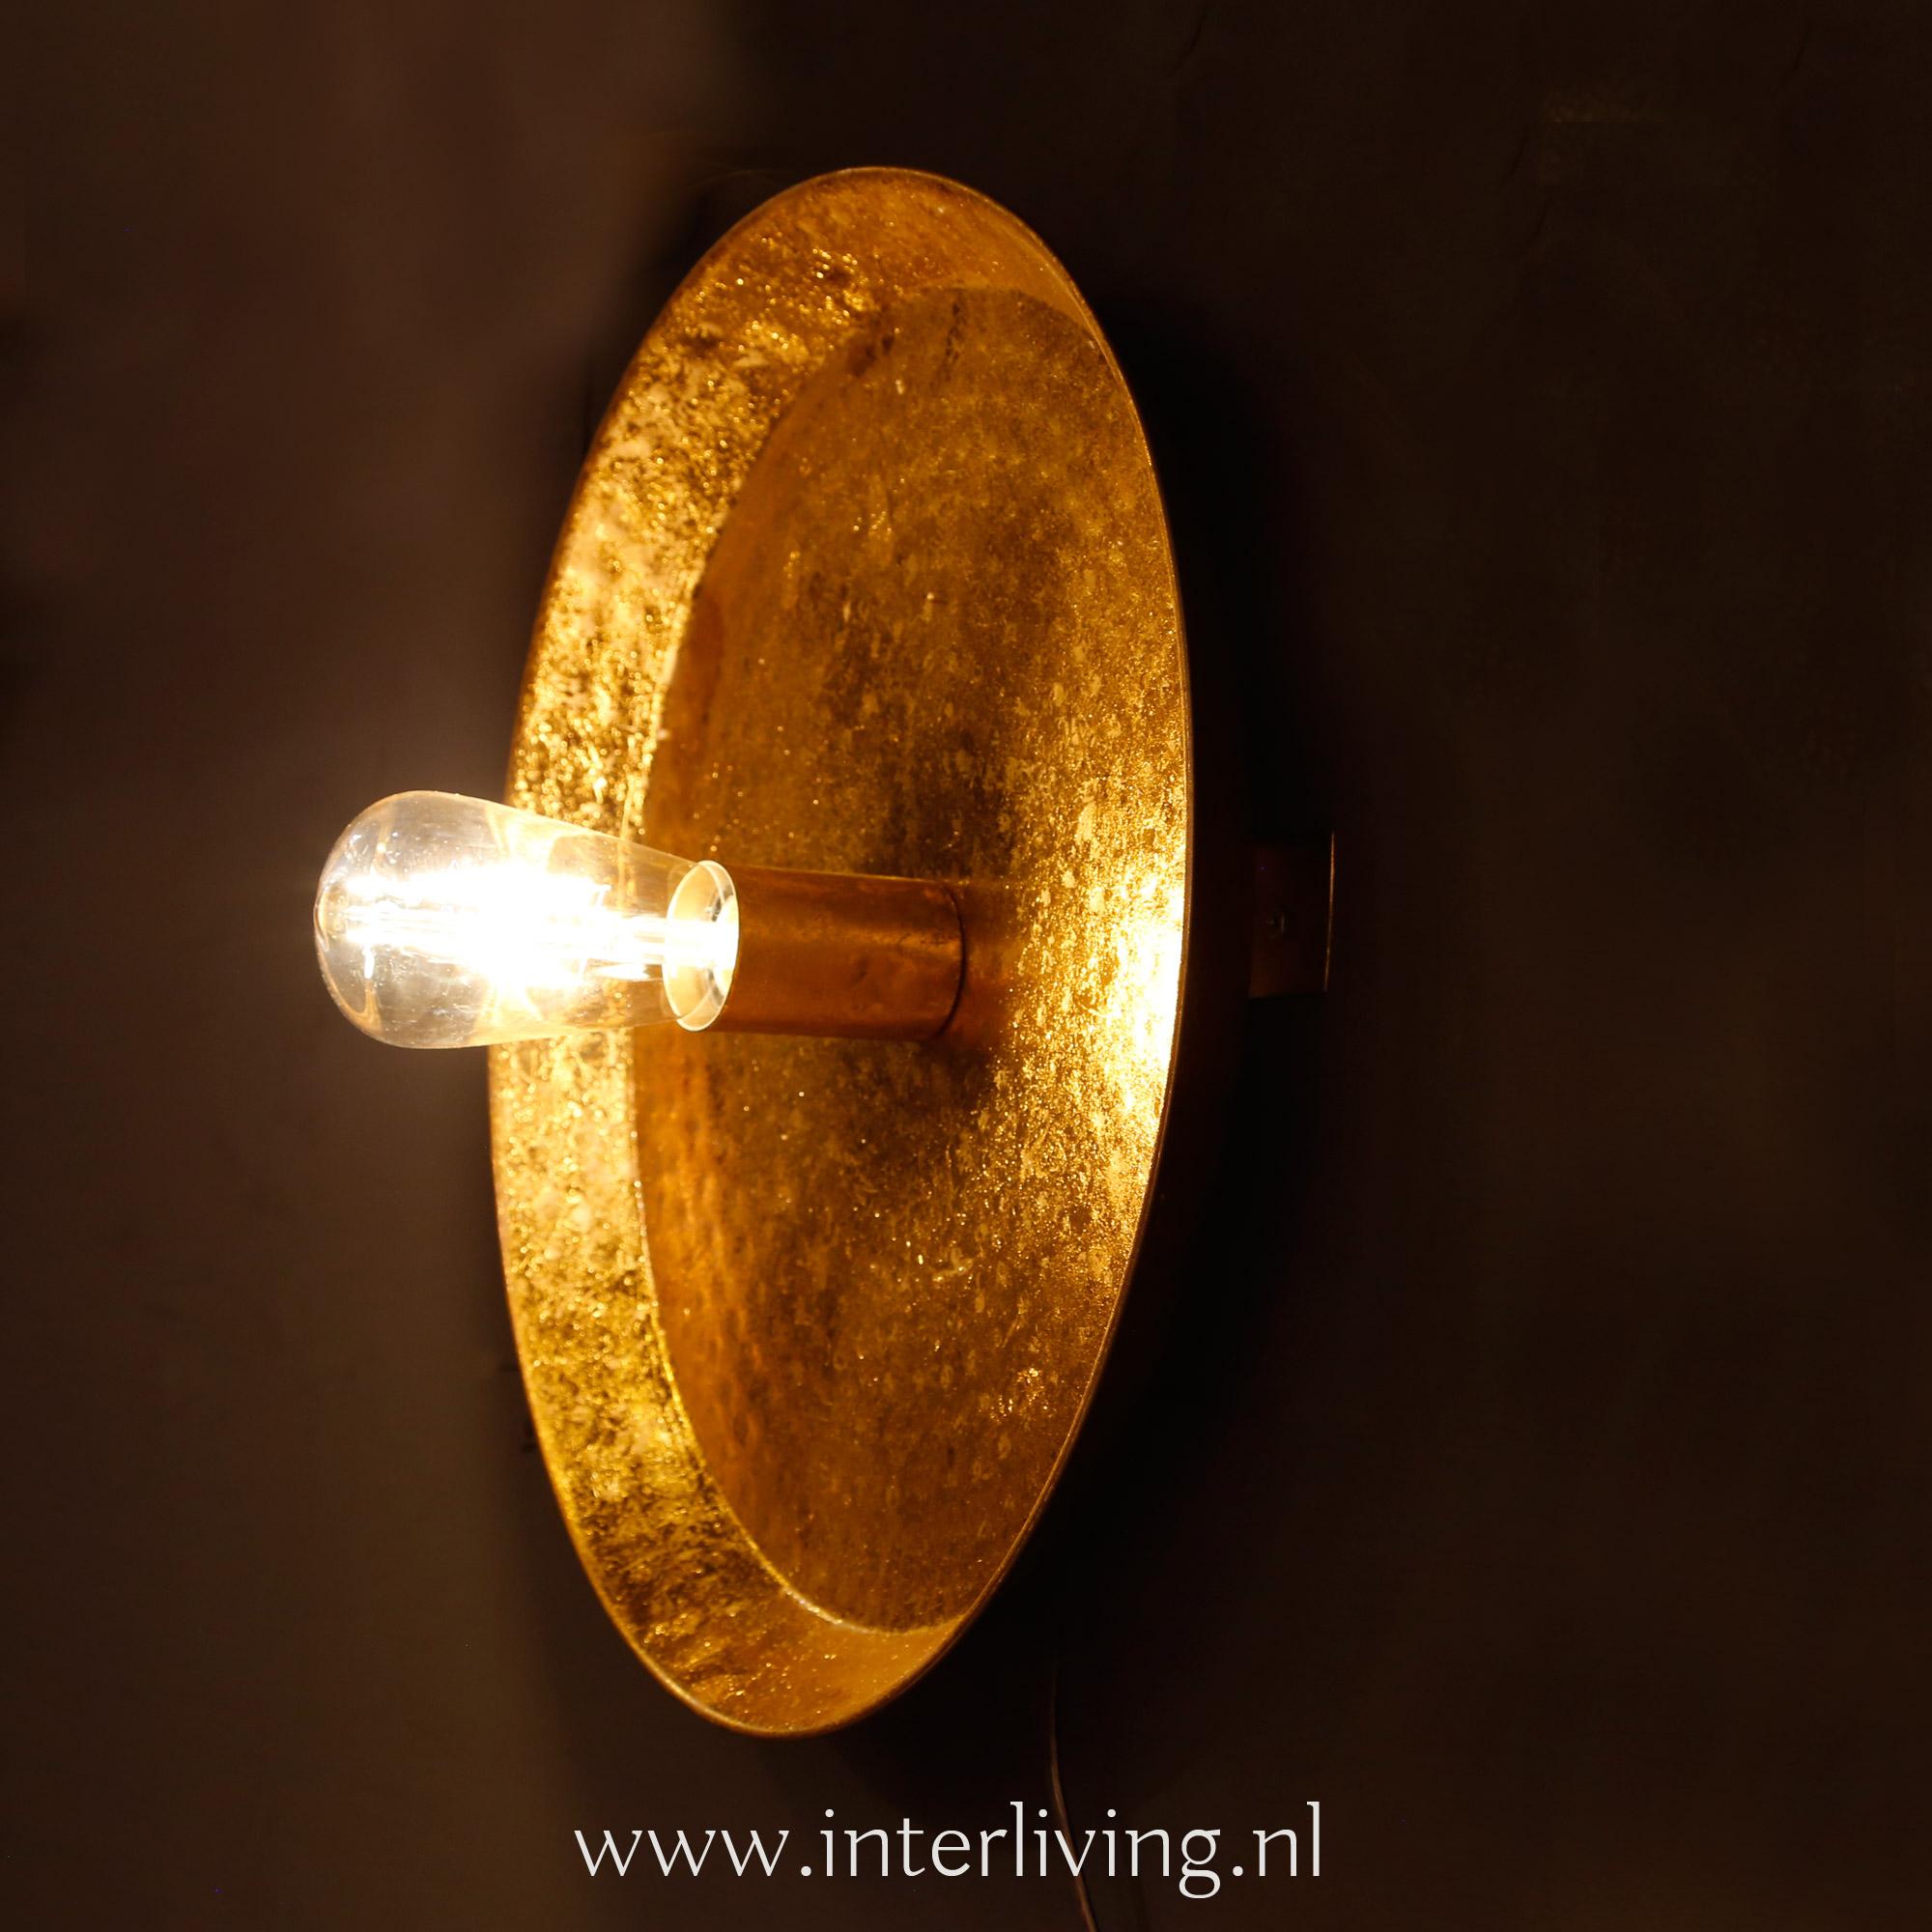 hotel chic interieur stijl wandlamp - goudkleurig metaal rond model met retro led bulb